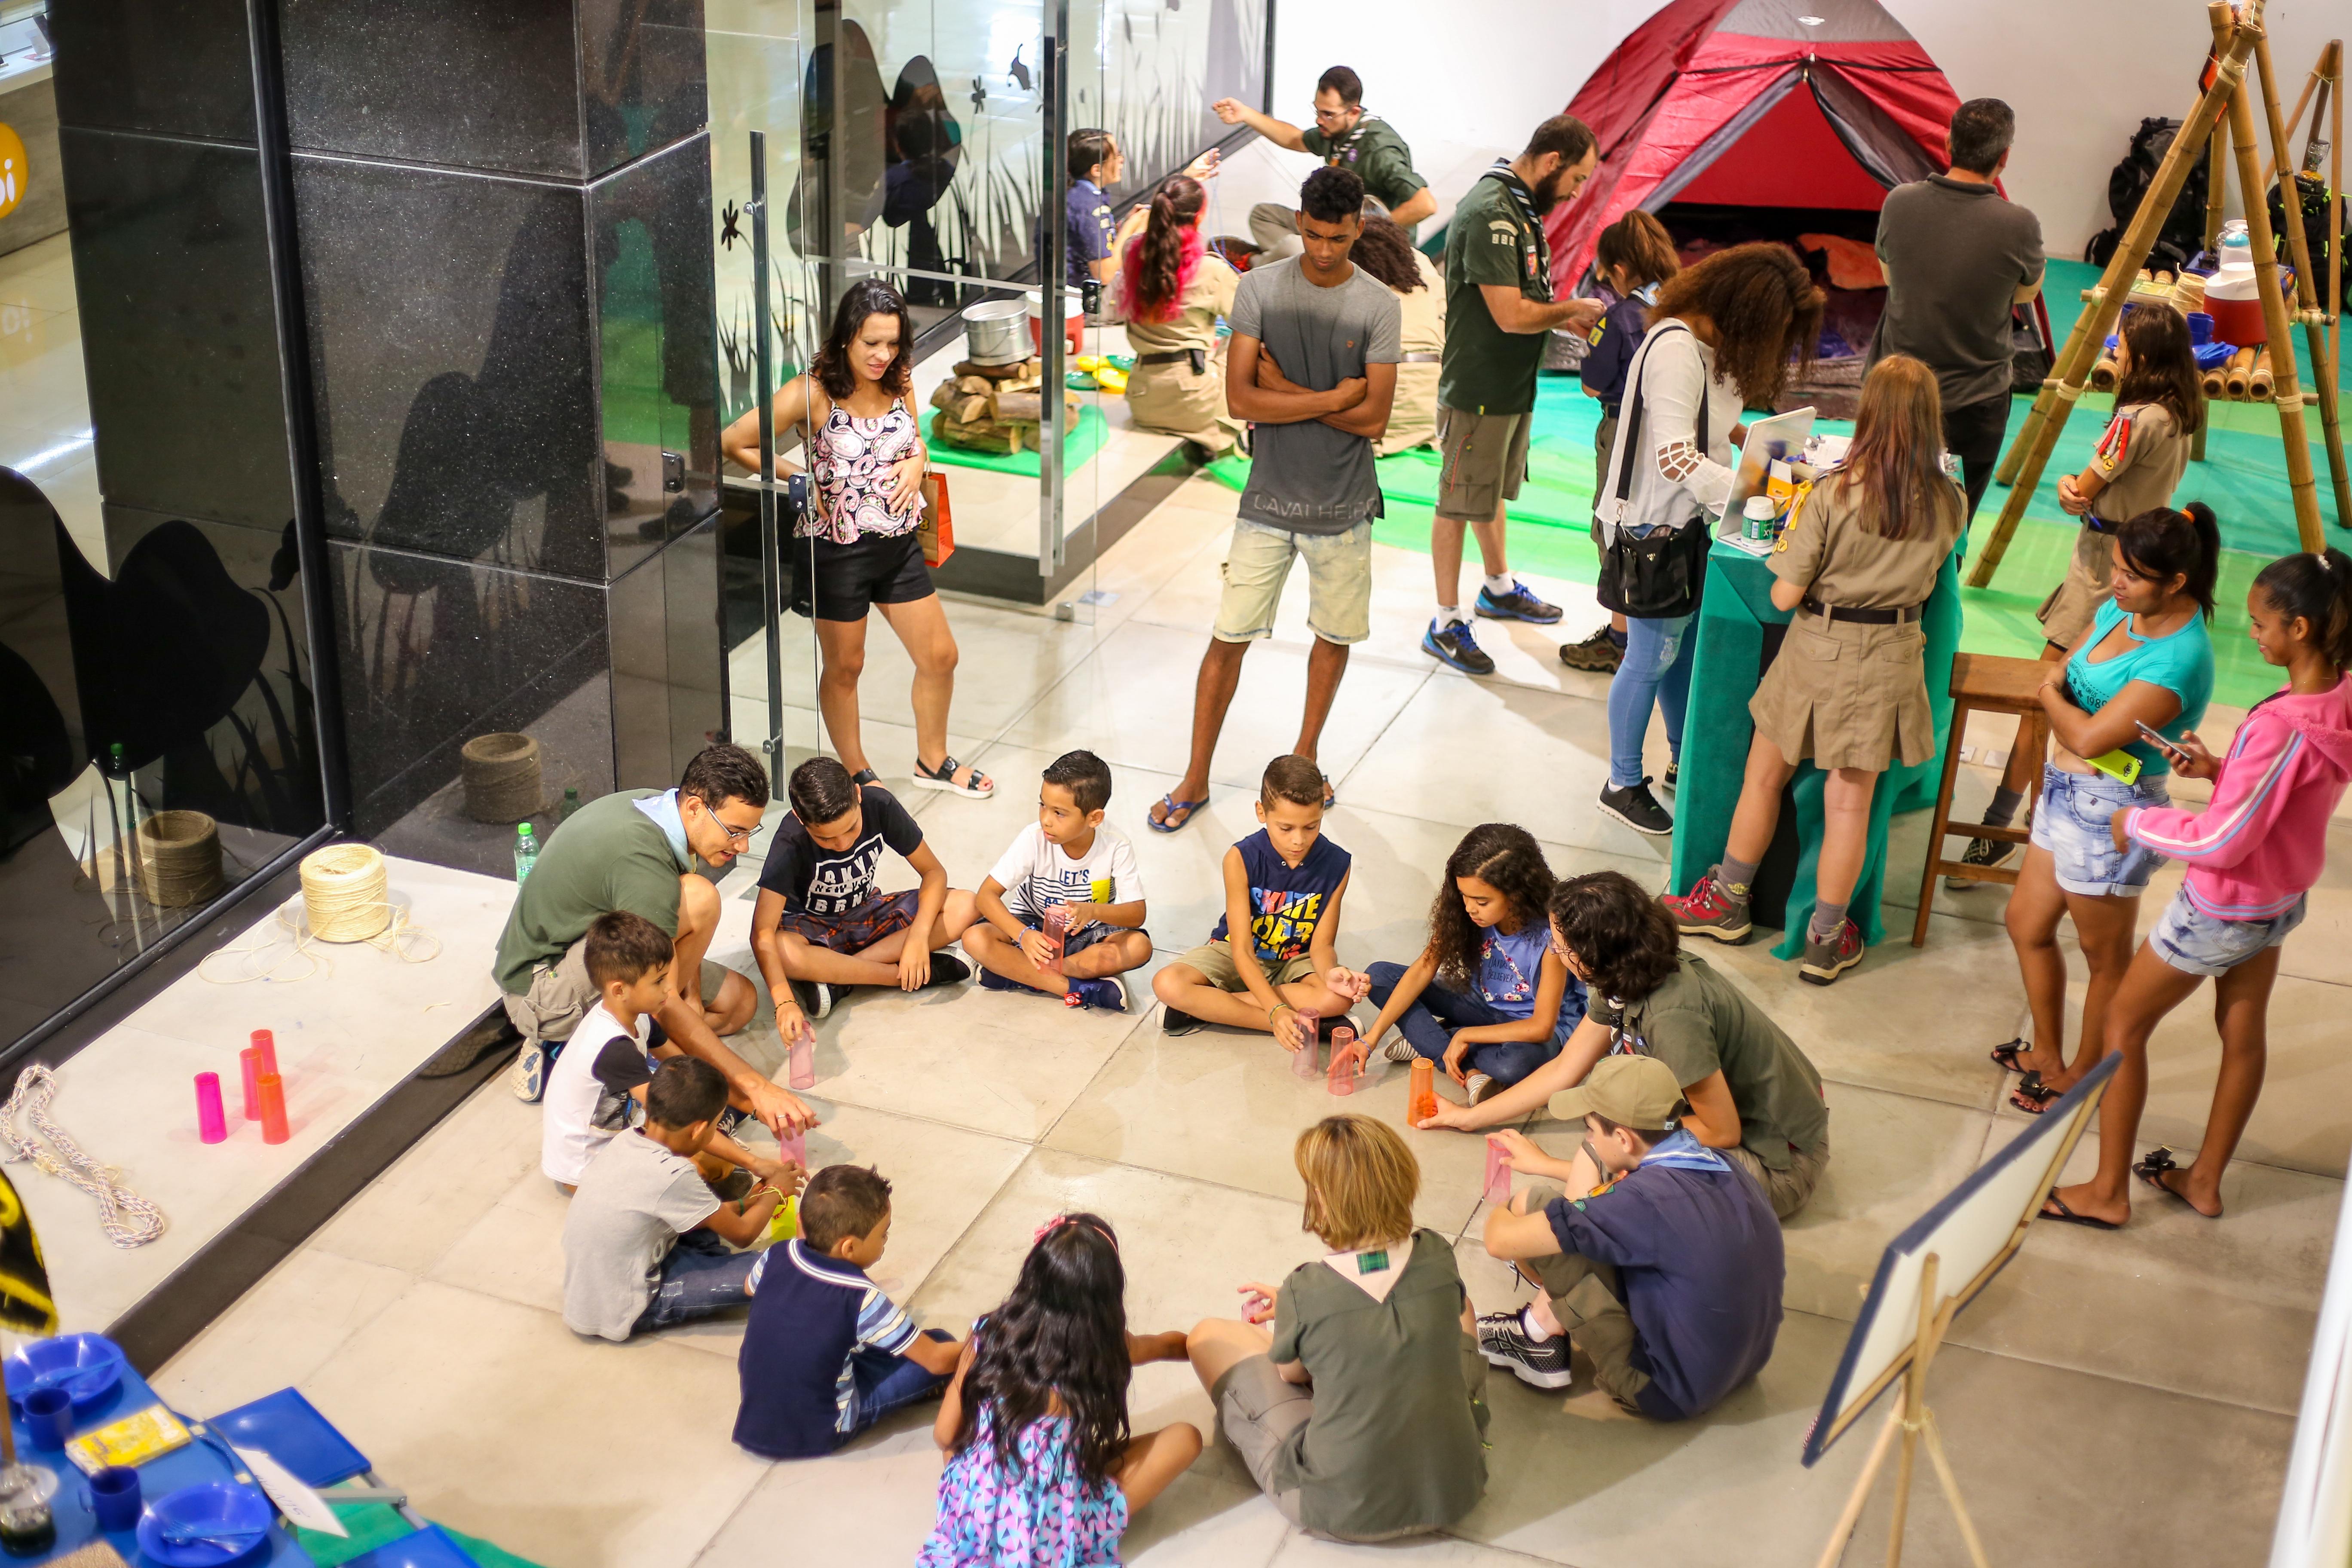 Acampamento Escoteiro no Boavista Shopping acontece pelo terceiro ano seguido